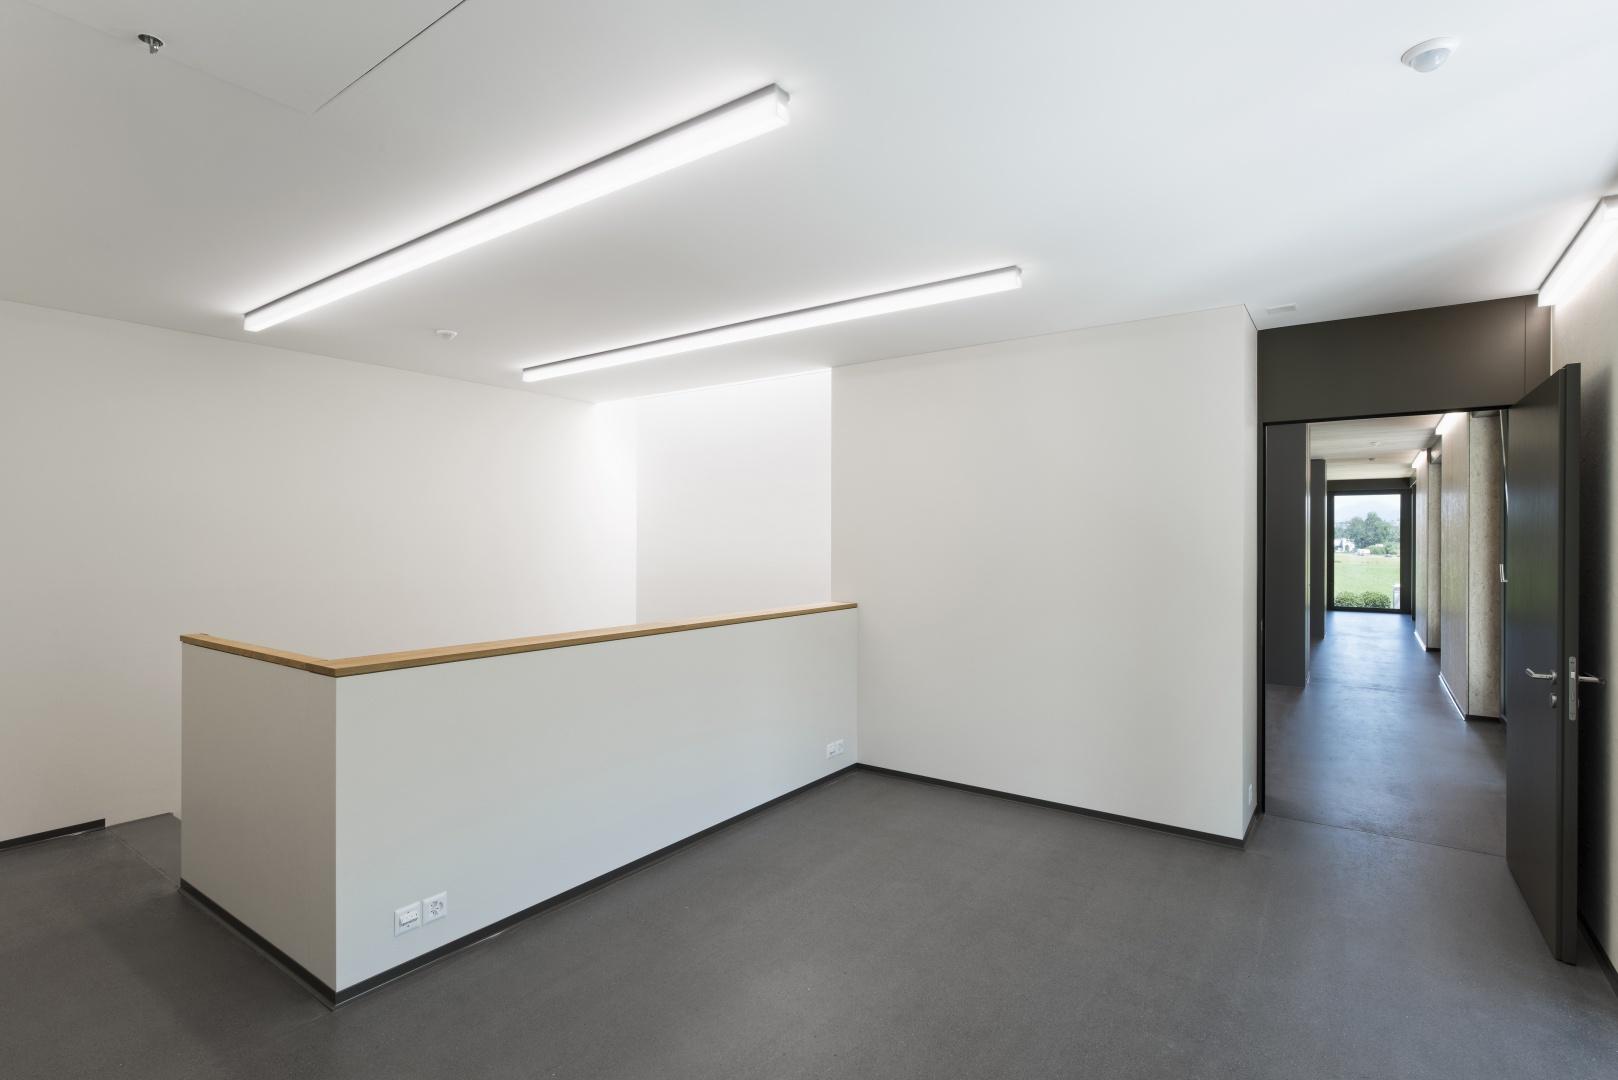 Treppenhaus  © Fotograf: Bruno Meier, Sursee